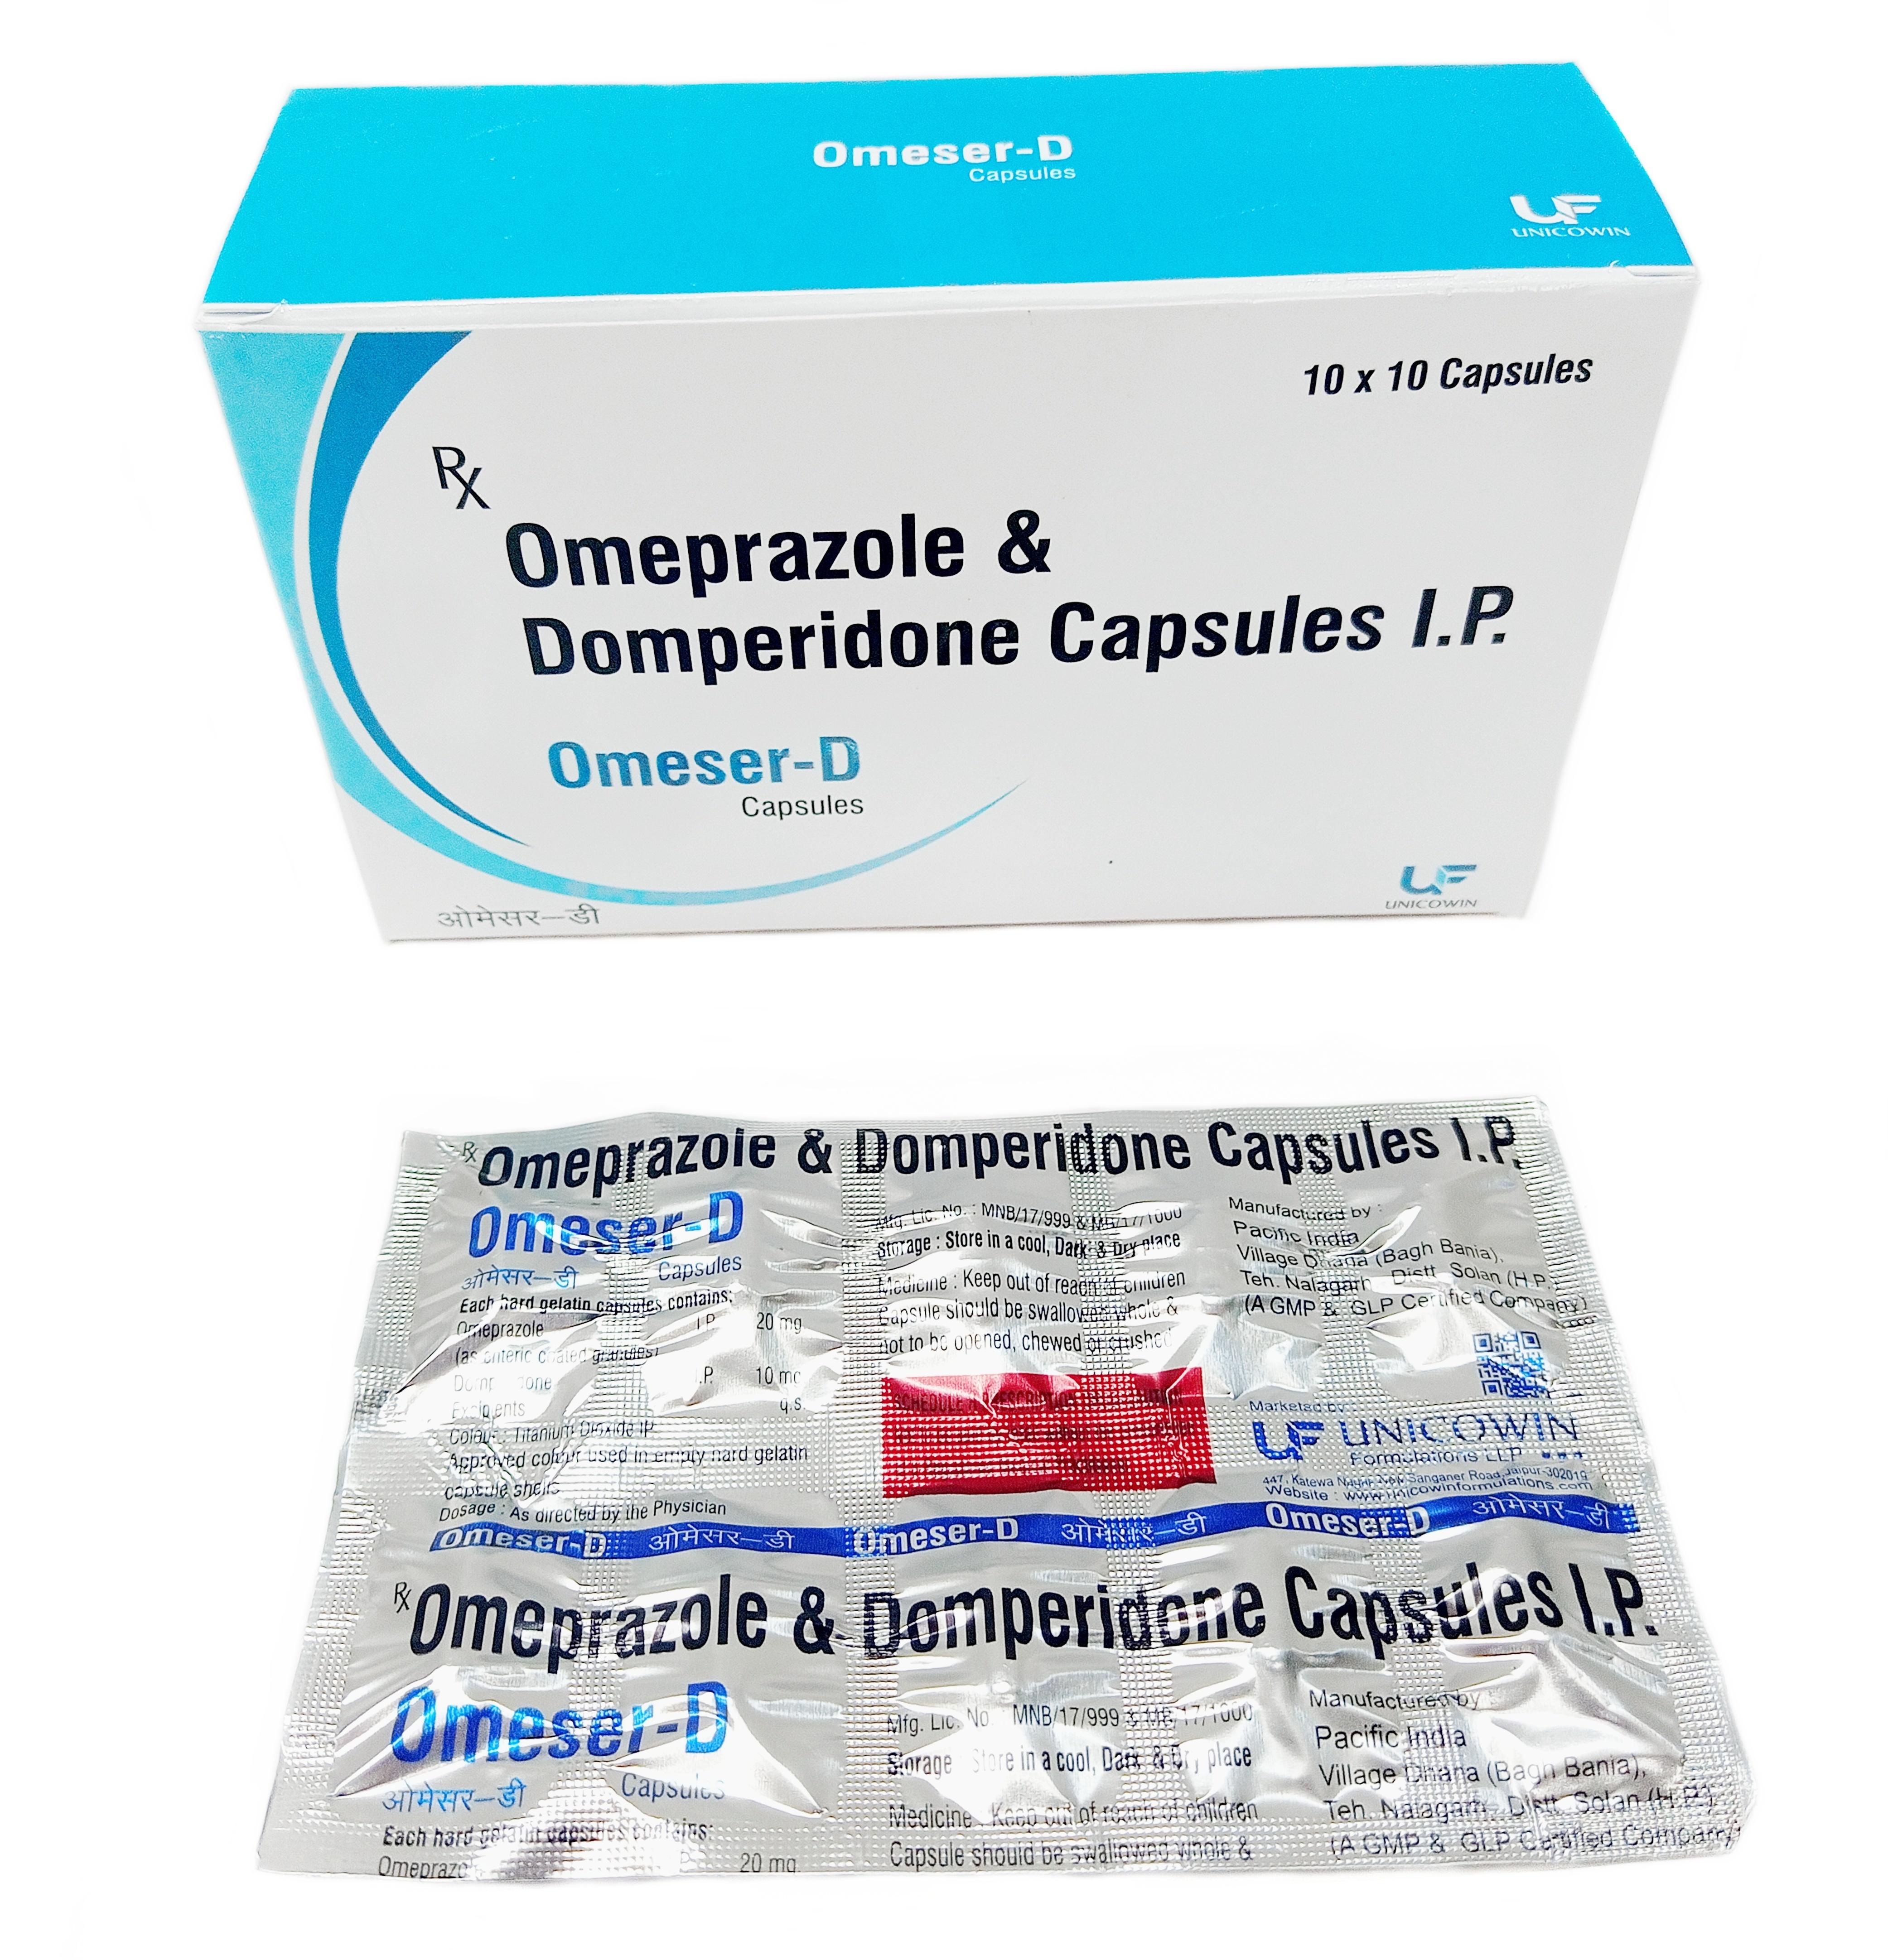 Omeprazole 20mg and Domperidone 10mg SR capsules